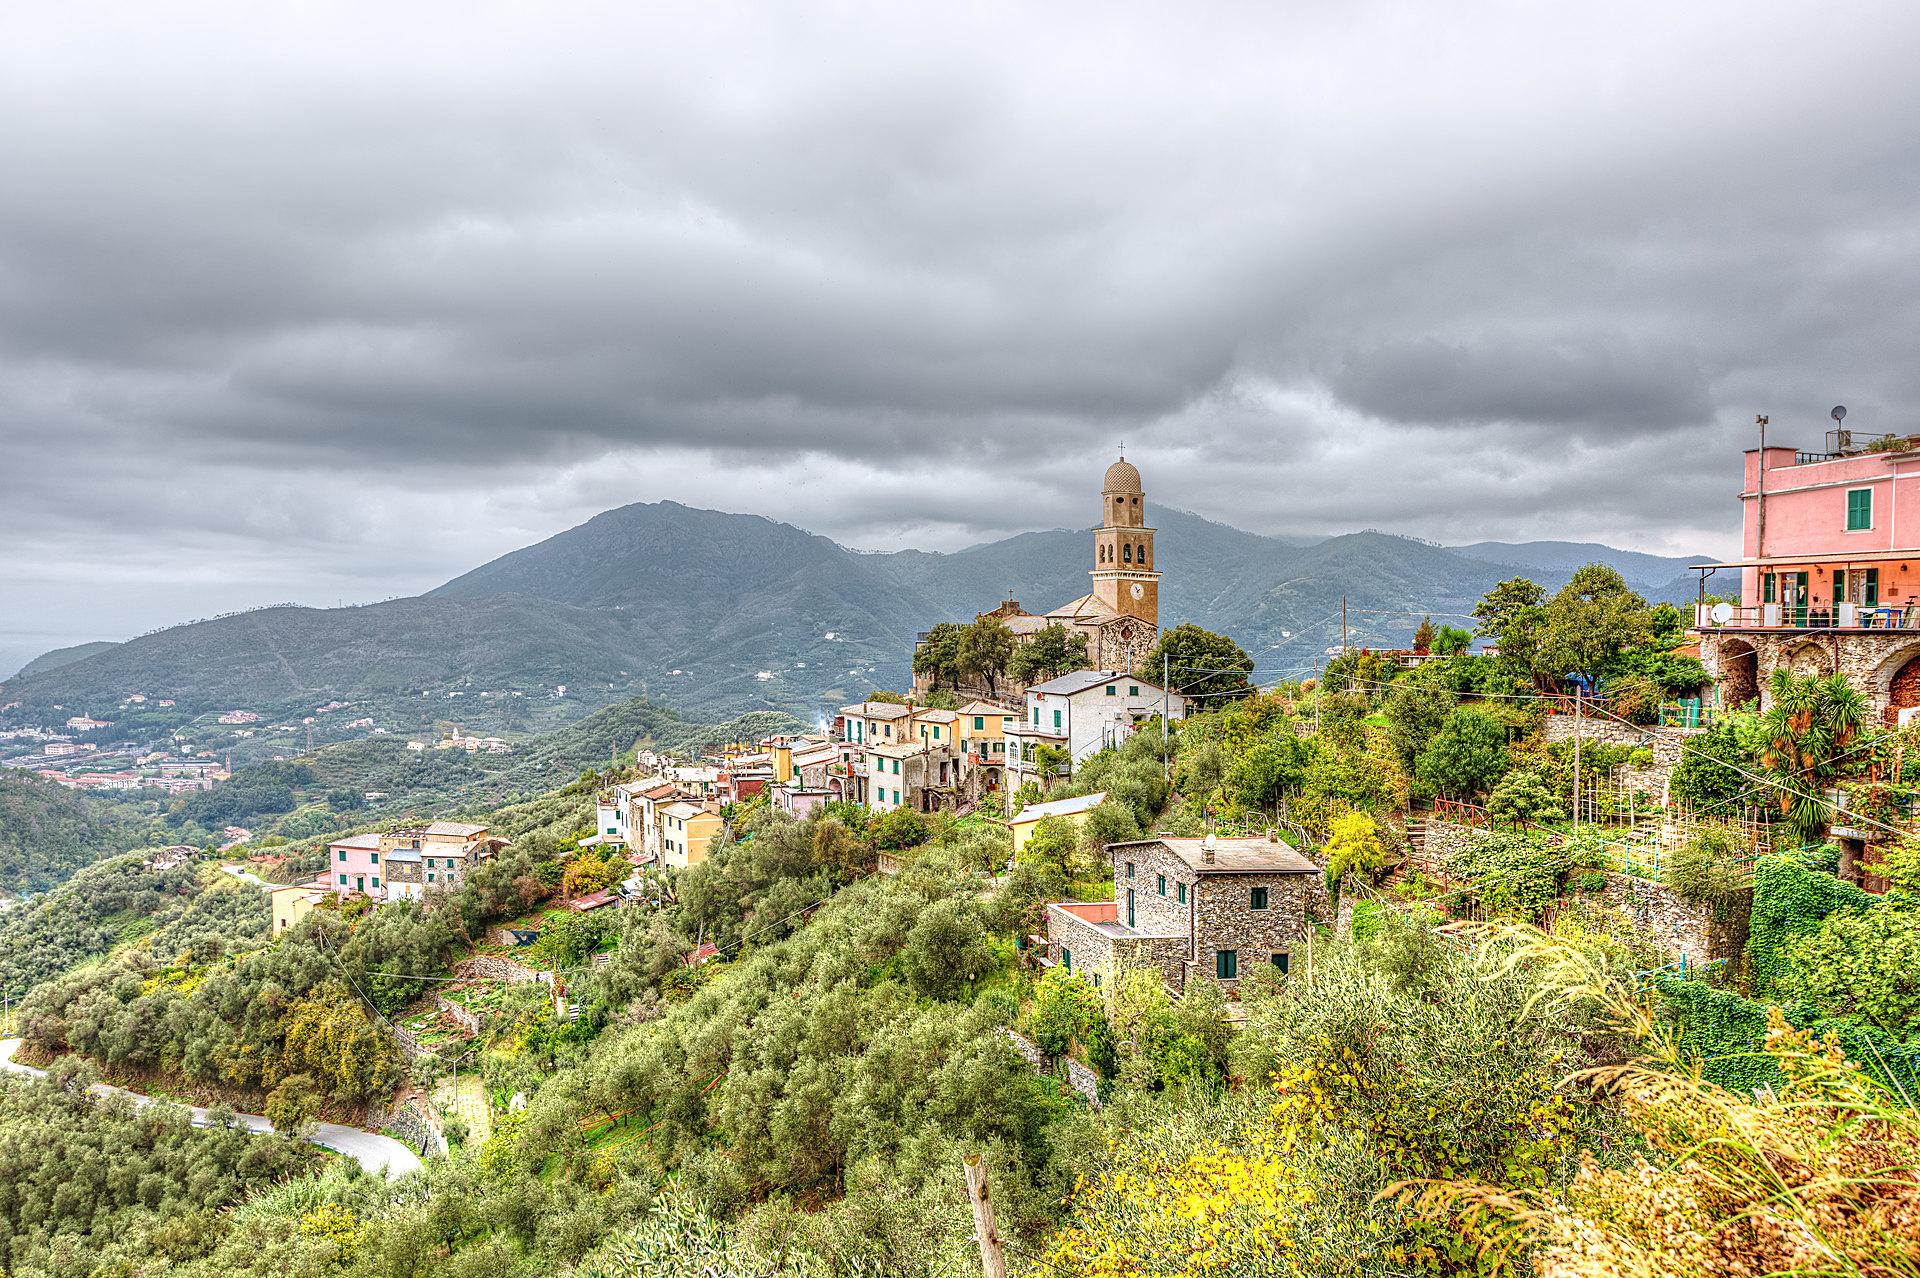 Das kleine Dorf Legnaro in Ligurien oberhalb von Cinque Terre